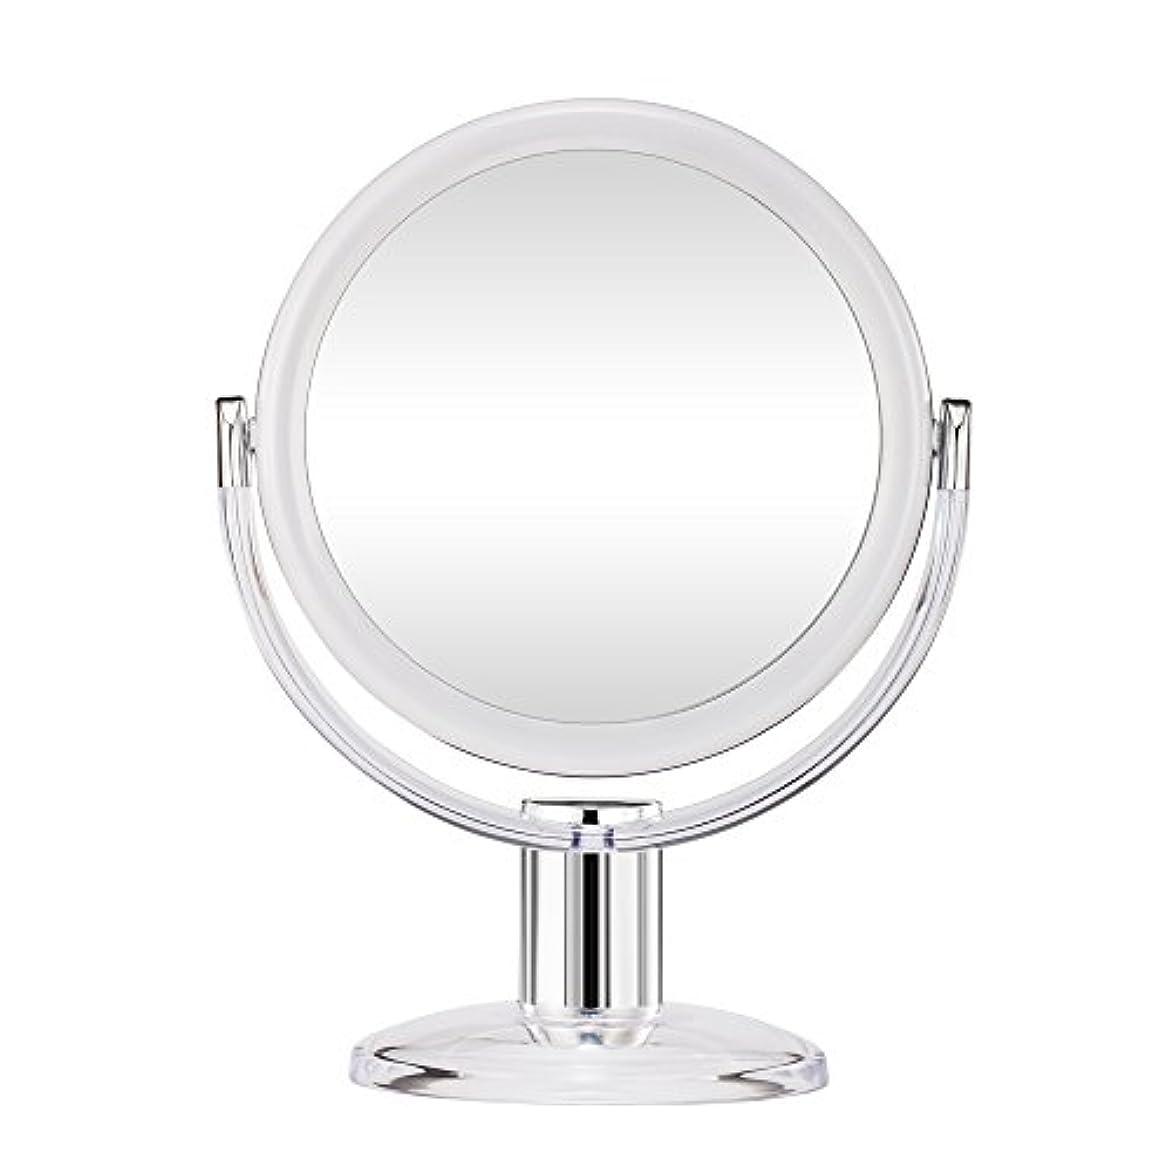 治療横にアストロラーベGotofine スタンドミラー 卓上鏡 両面鏡 10倍と等倍 透明 アクリル樹脂 おしゃれ 円型